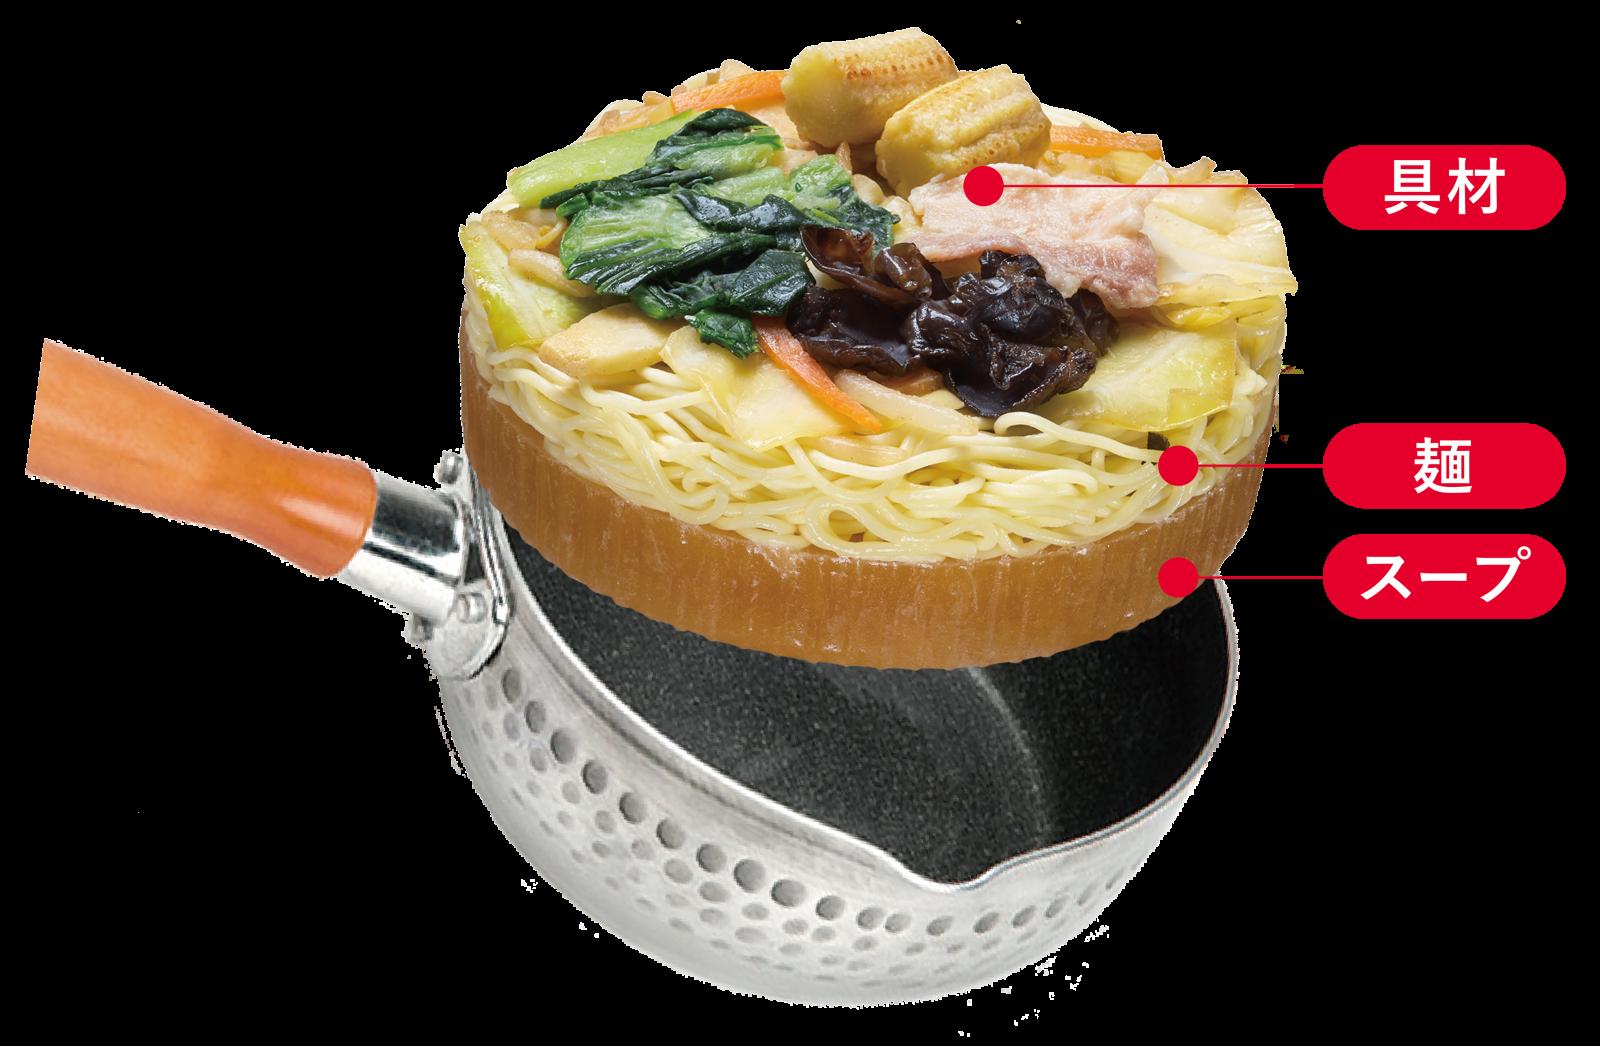 キンレイ「お水がいらない」シリーズが累計販売数1億食を突破!! 2019年度売上は141億円、4-6月は前年比140%